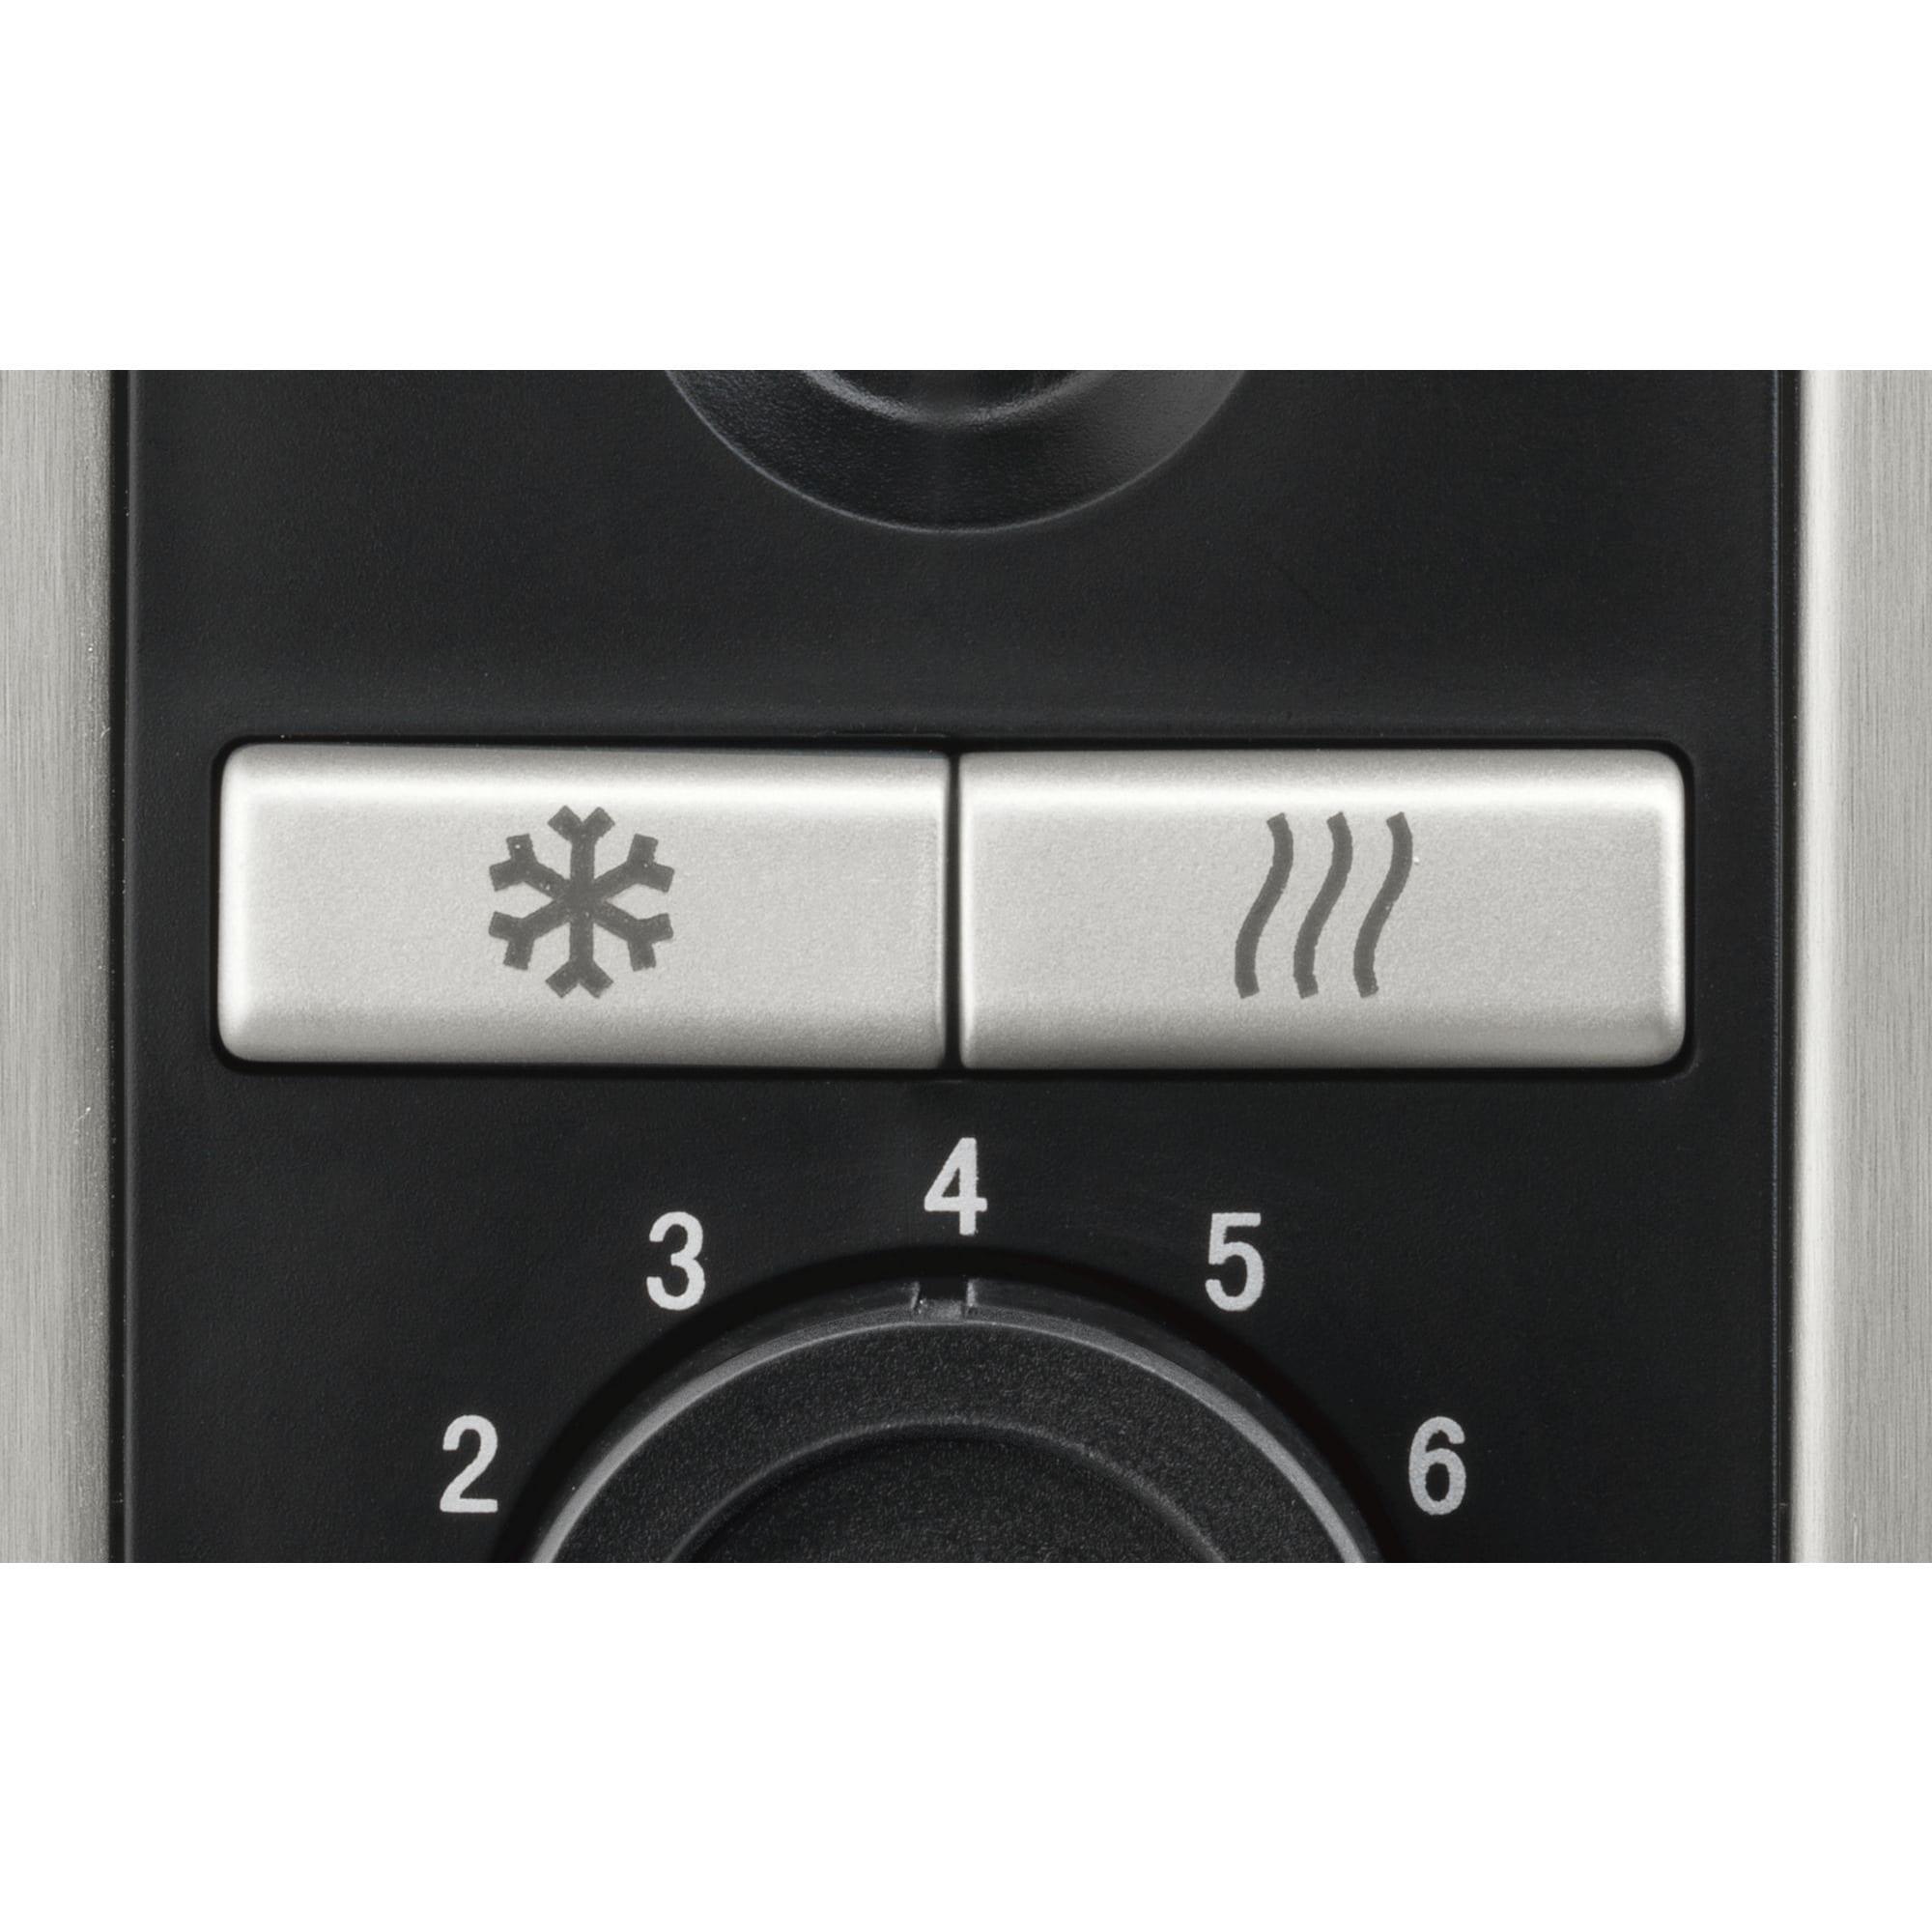 Bosch Kompakt Toaster TAT7203